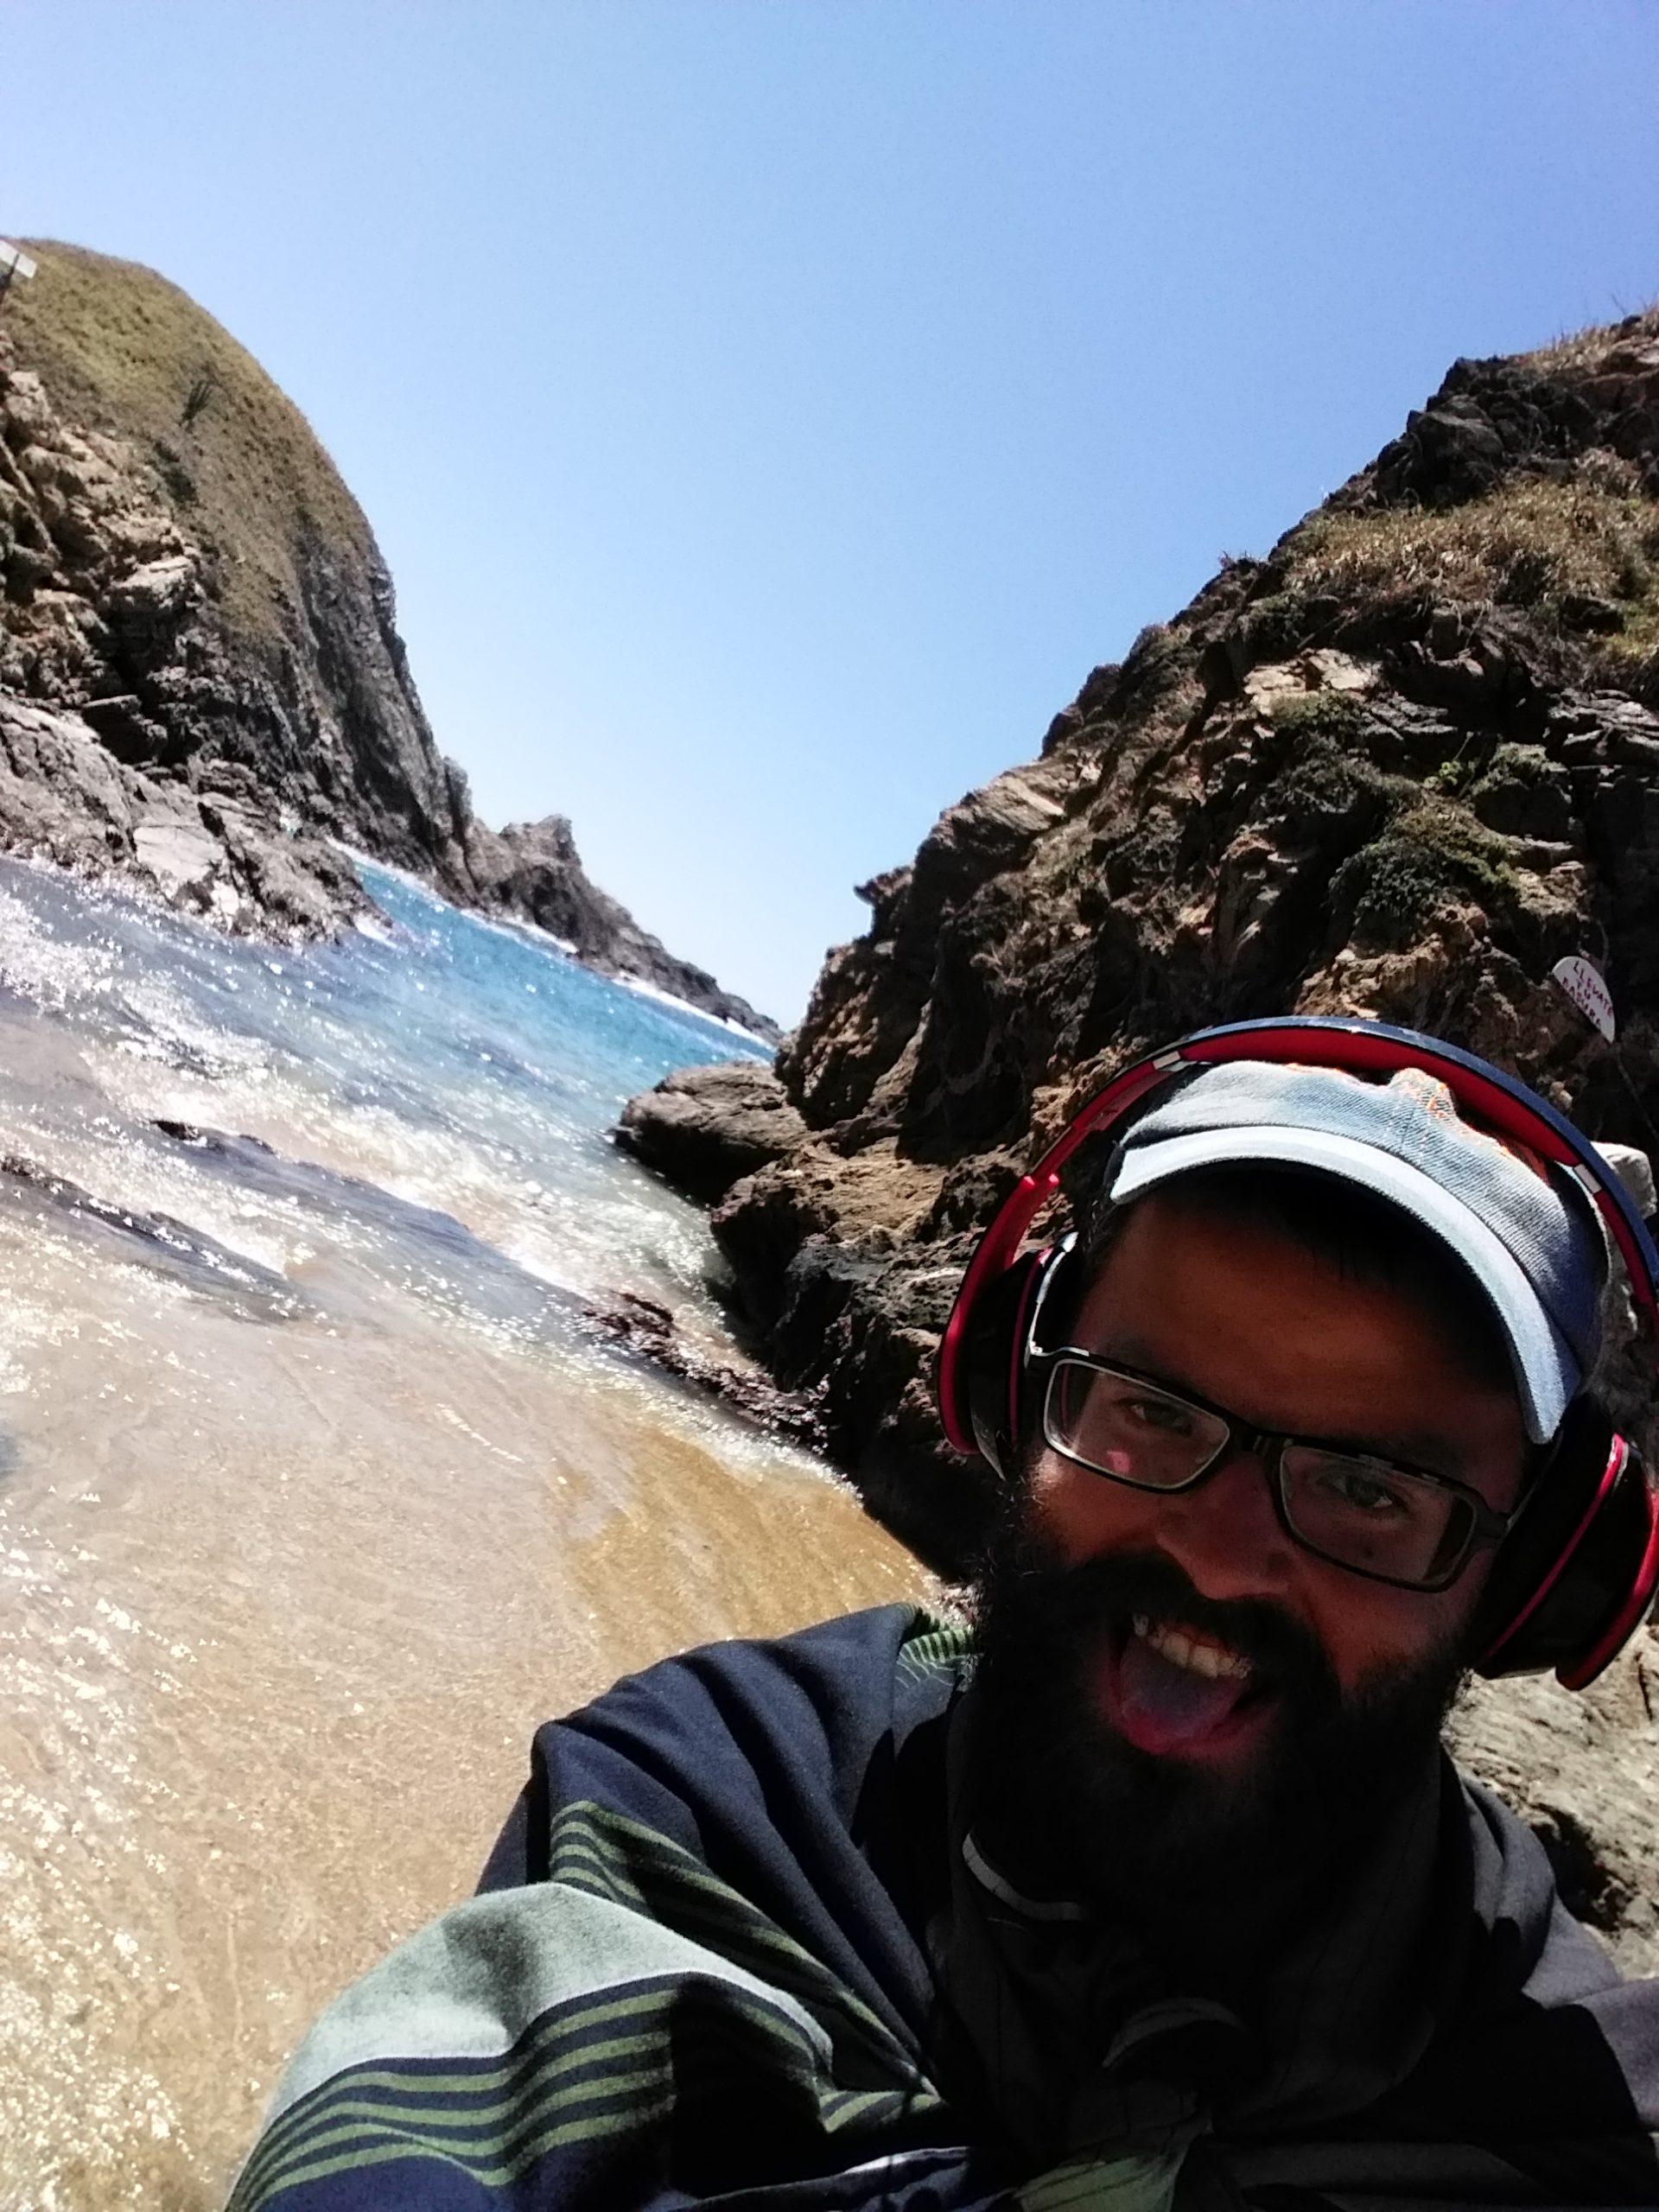 Playa del amor zipolite naturisme